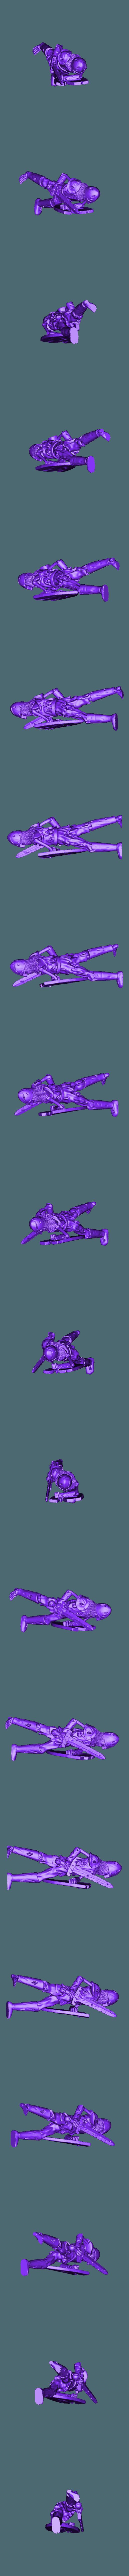 skeleton_warrior.stl Télécharger fichier STL gratuit Guerrier squelette miniature • Objet à imprimer en 3D, Ilhadiel